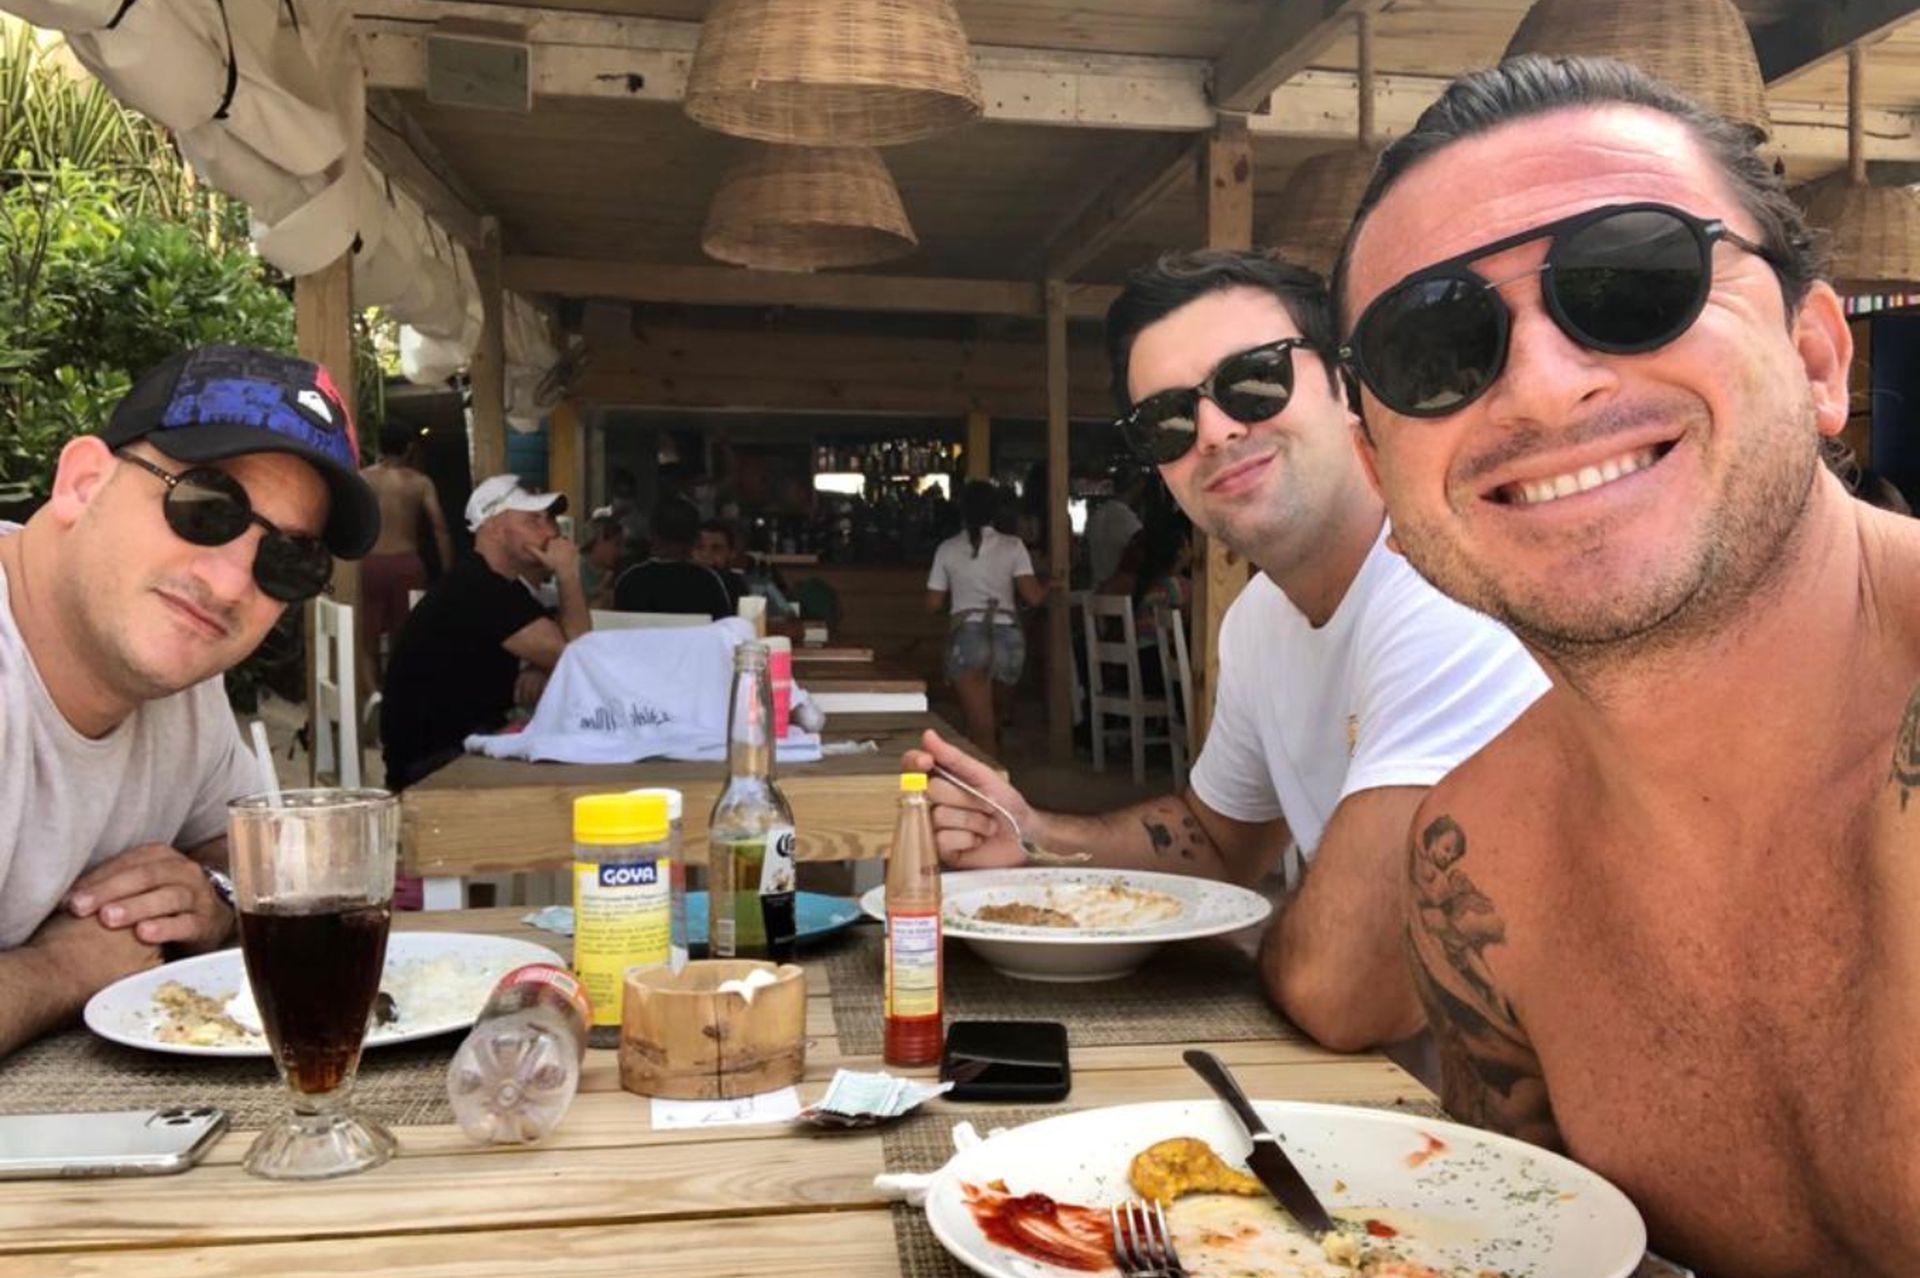 Pablo (derecha) junto a sus amigos, en su lugar favorito en el mundo.